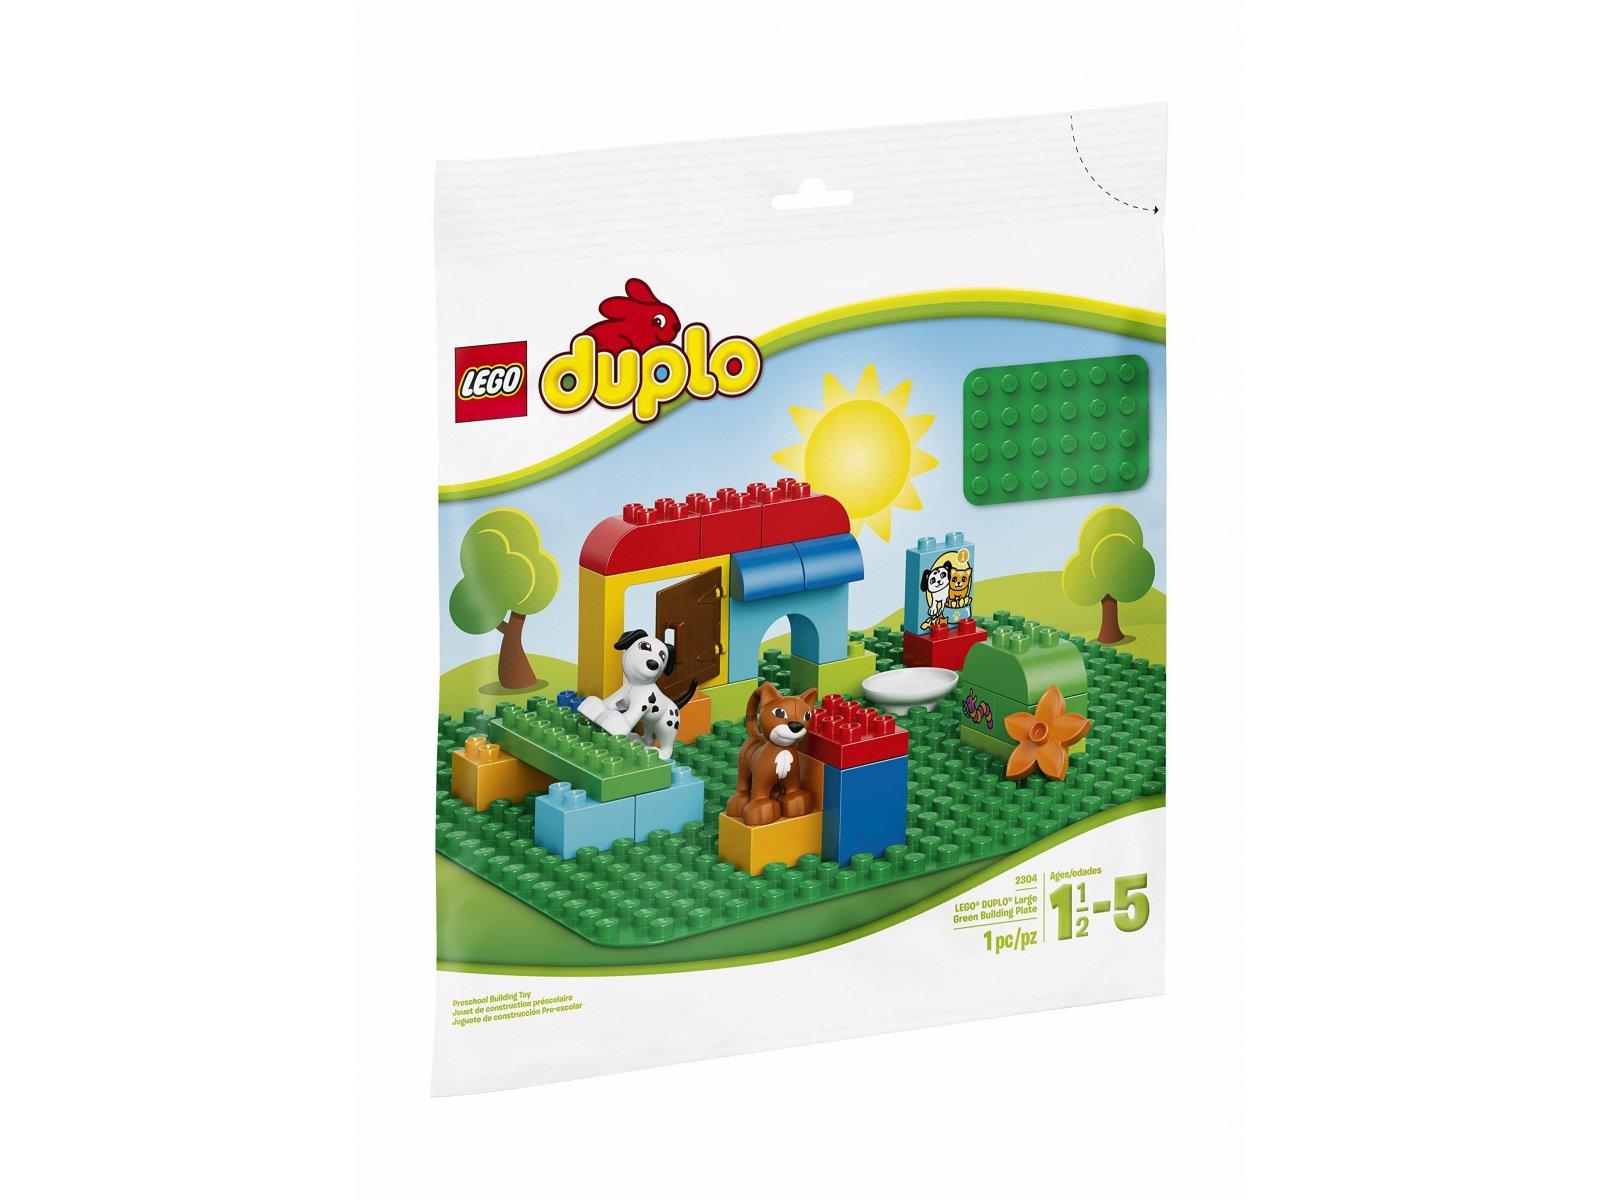 LEGO 2304 Duplo® Płytka budowlana